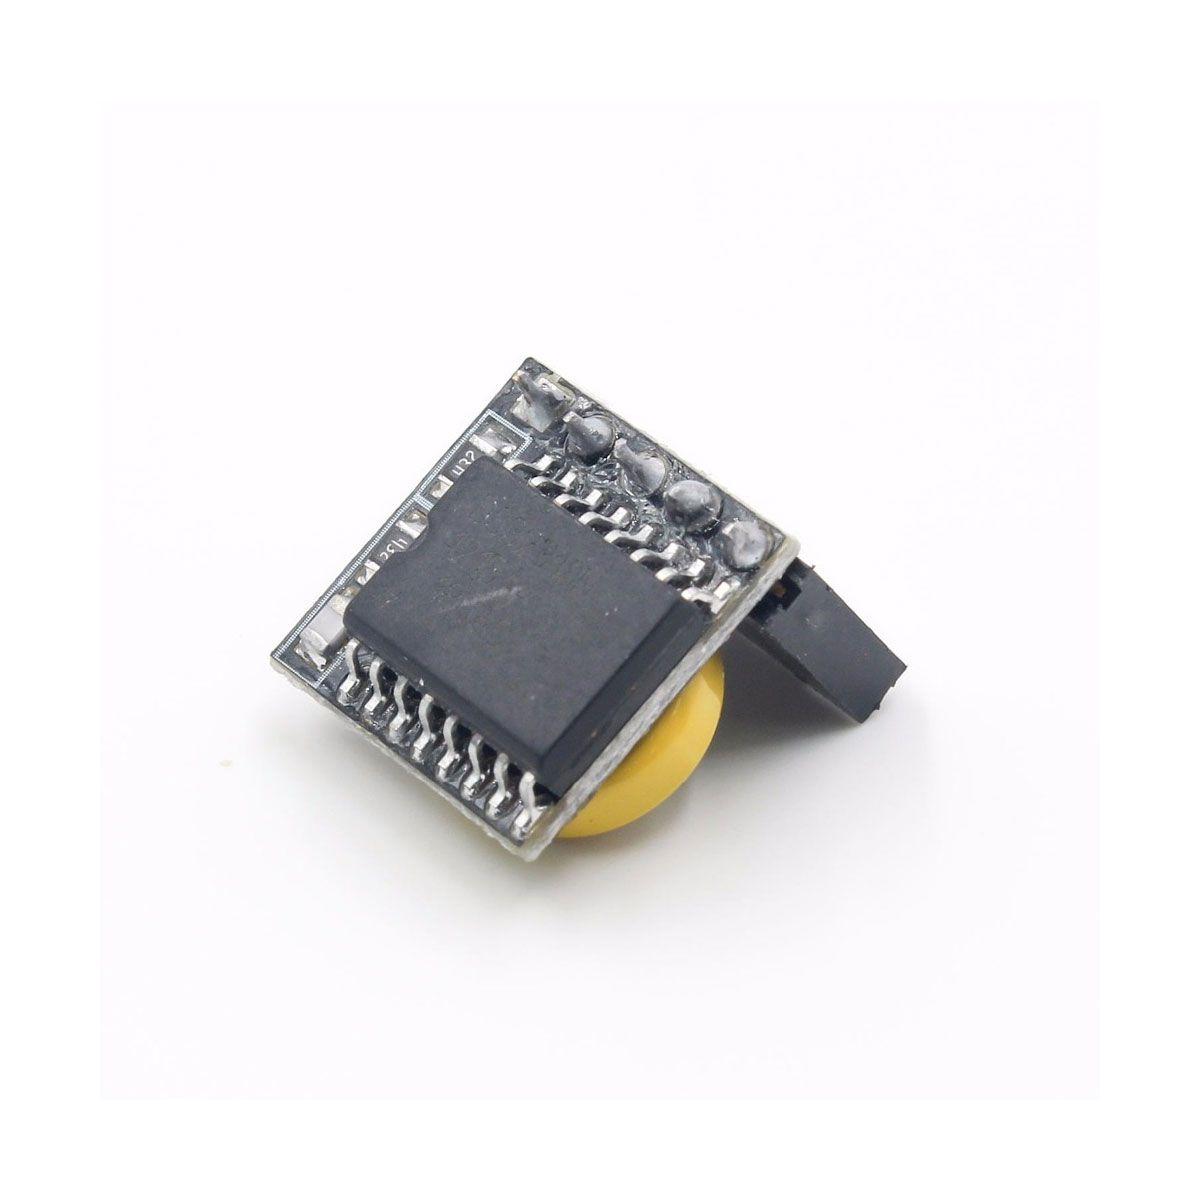 Modulo RTC DS3231 Real Time 3.3v/5v com bateria para Raspberry